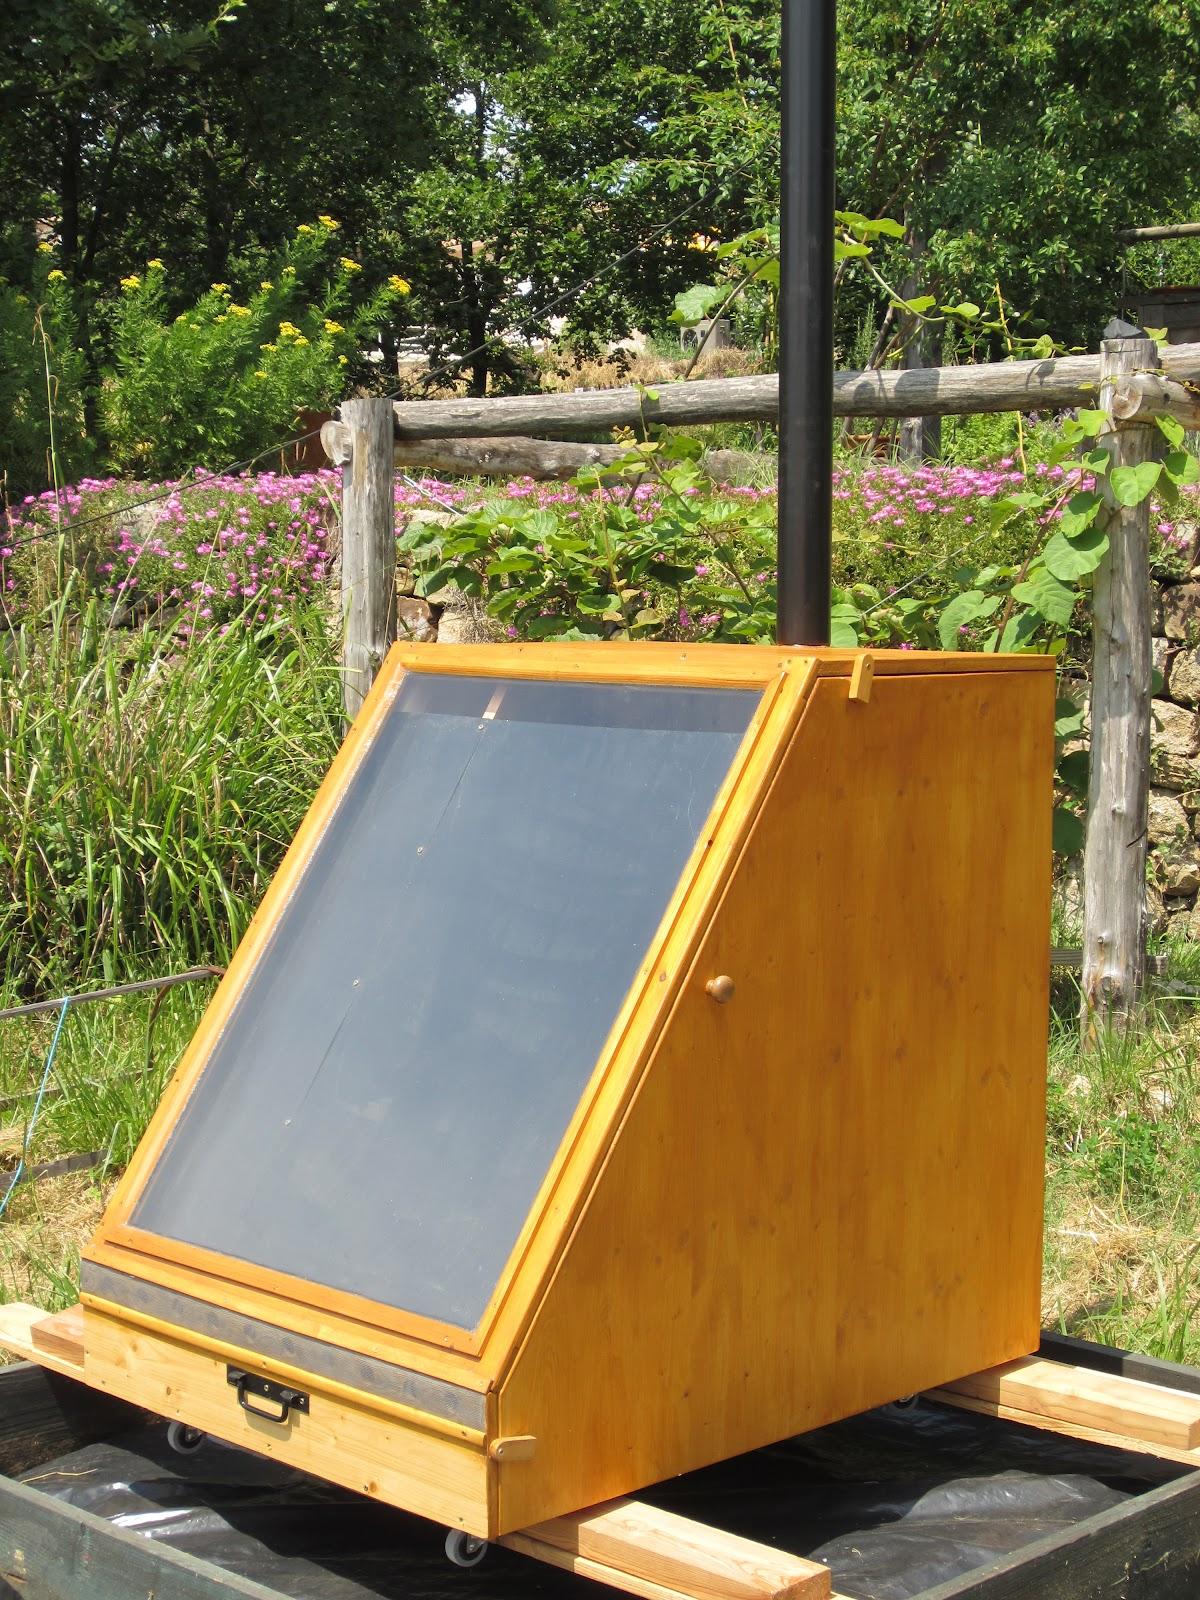 L'Atelier Des Coureurs Des Bois: Fabrication D'Un Séchoir avec Sechoir De Jardin